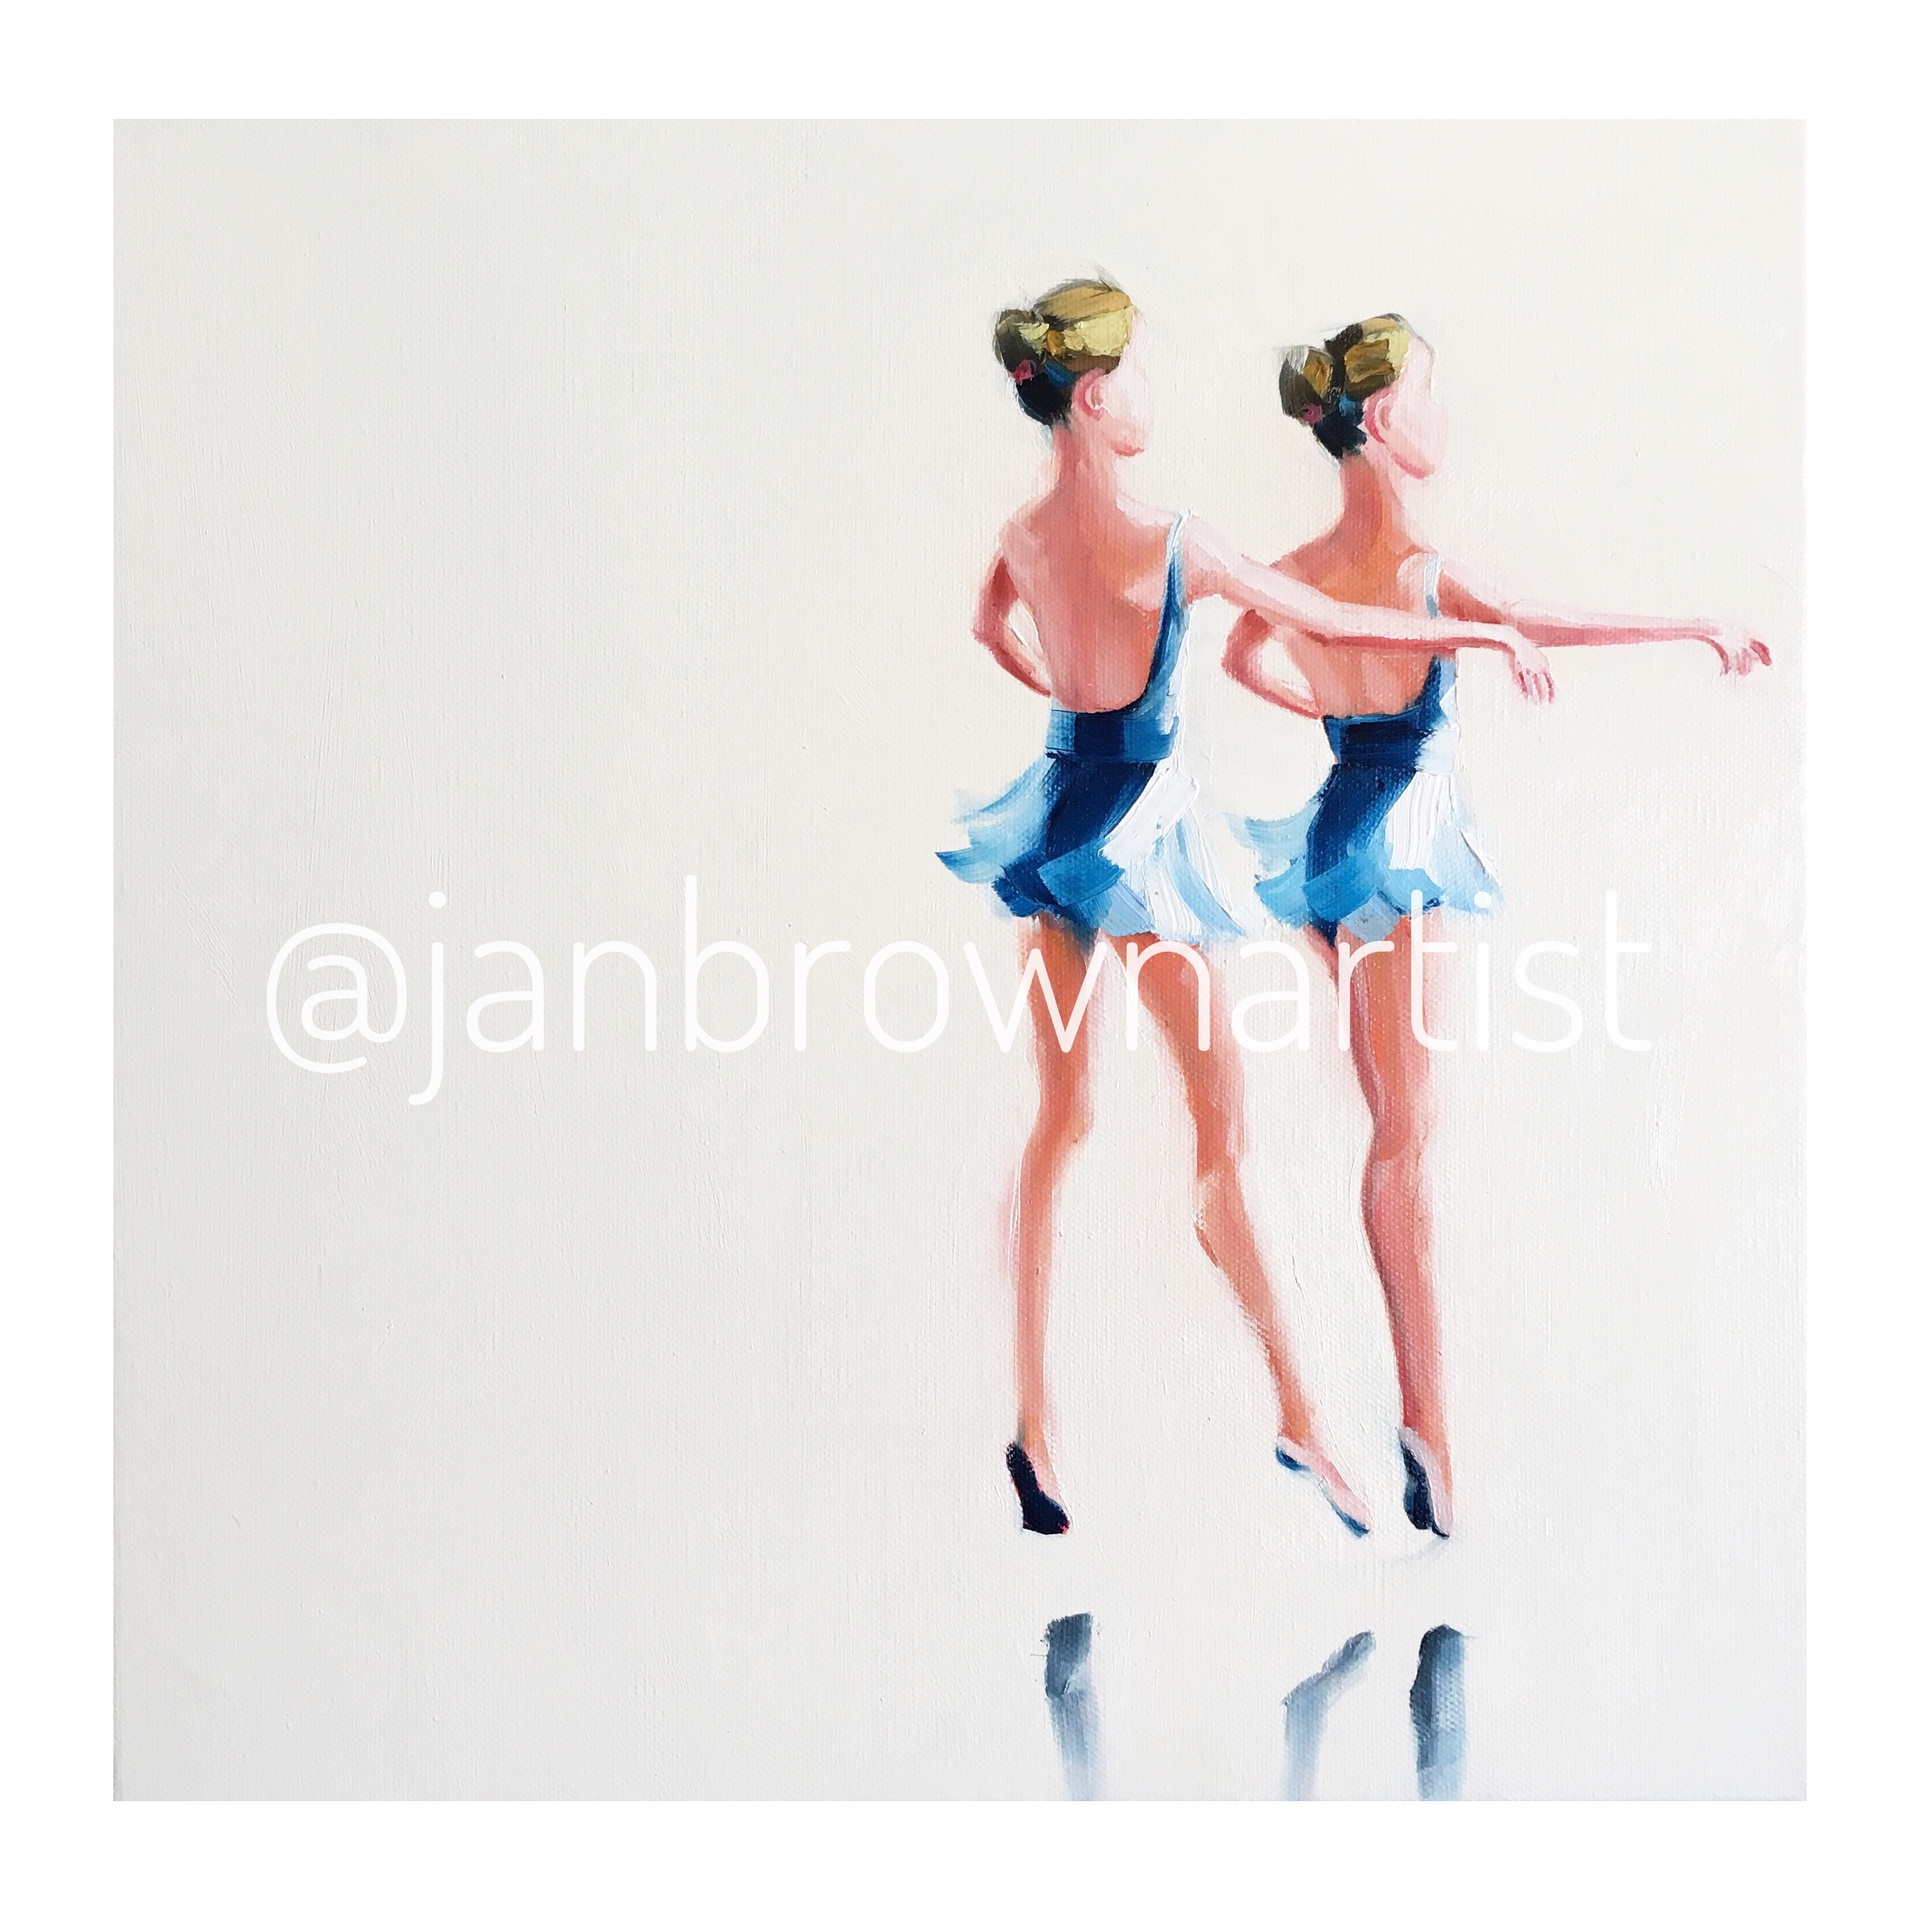 'Jumping for Joy' Artwork